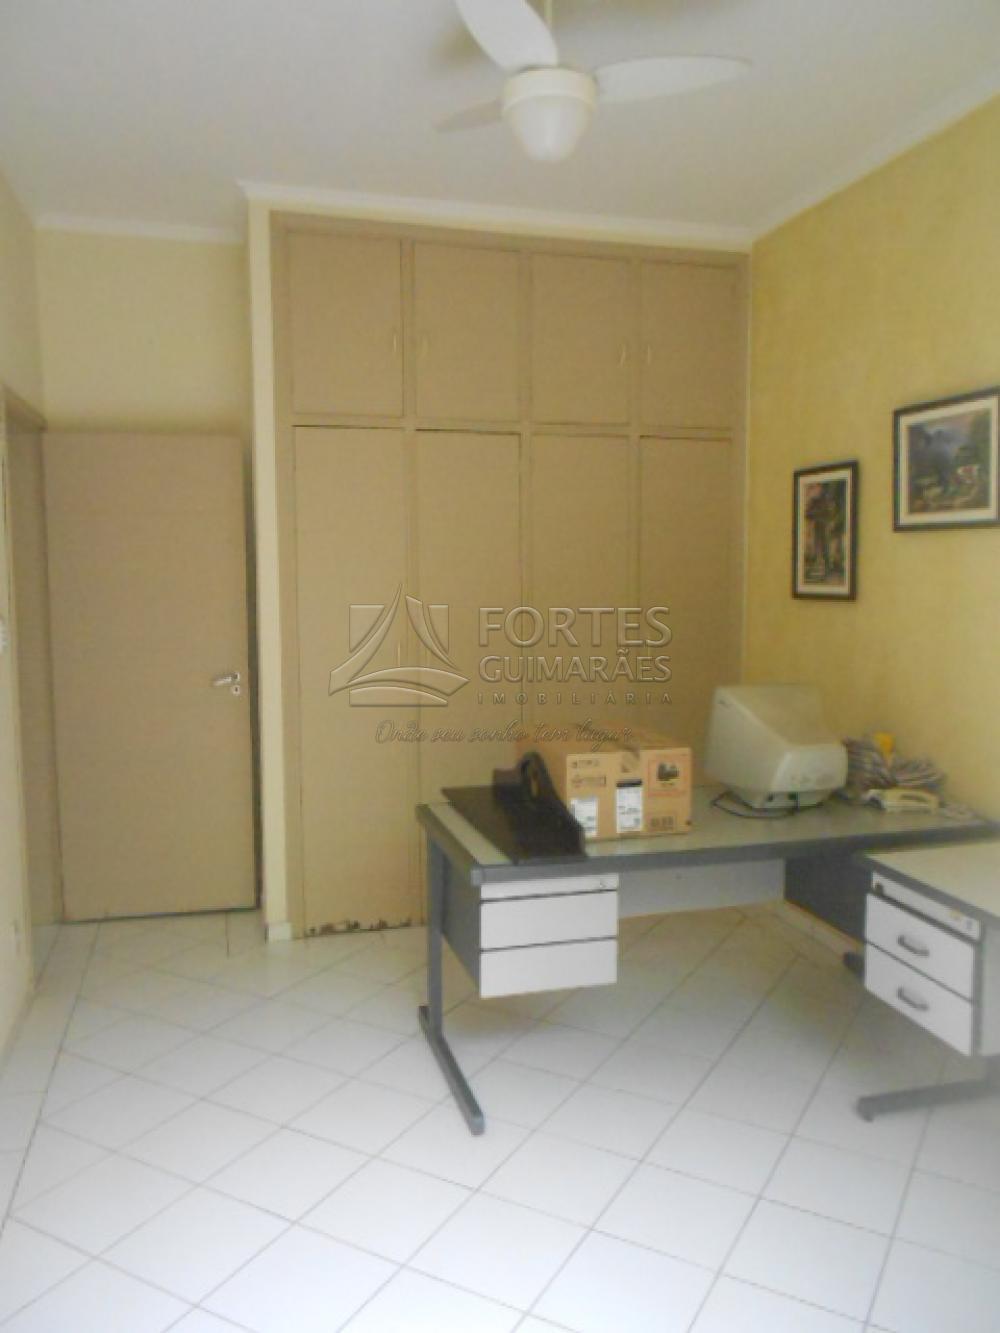 Alugar Comercial / Imóvel Comercial em Ribeirão Preto apenas R$ 3.000,00 - Foto 30